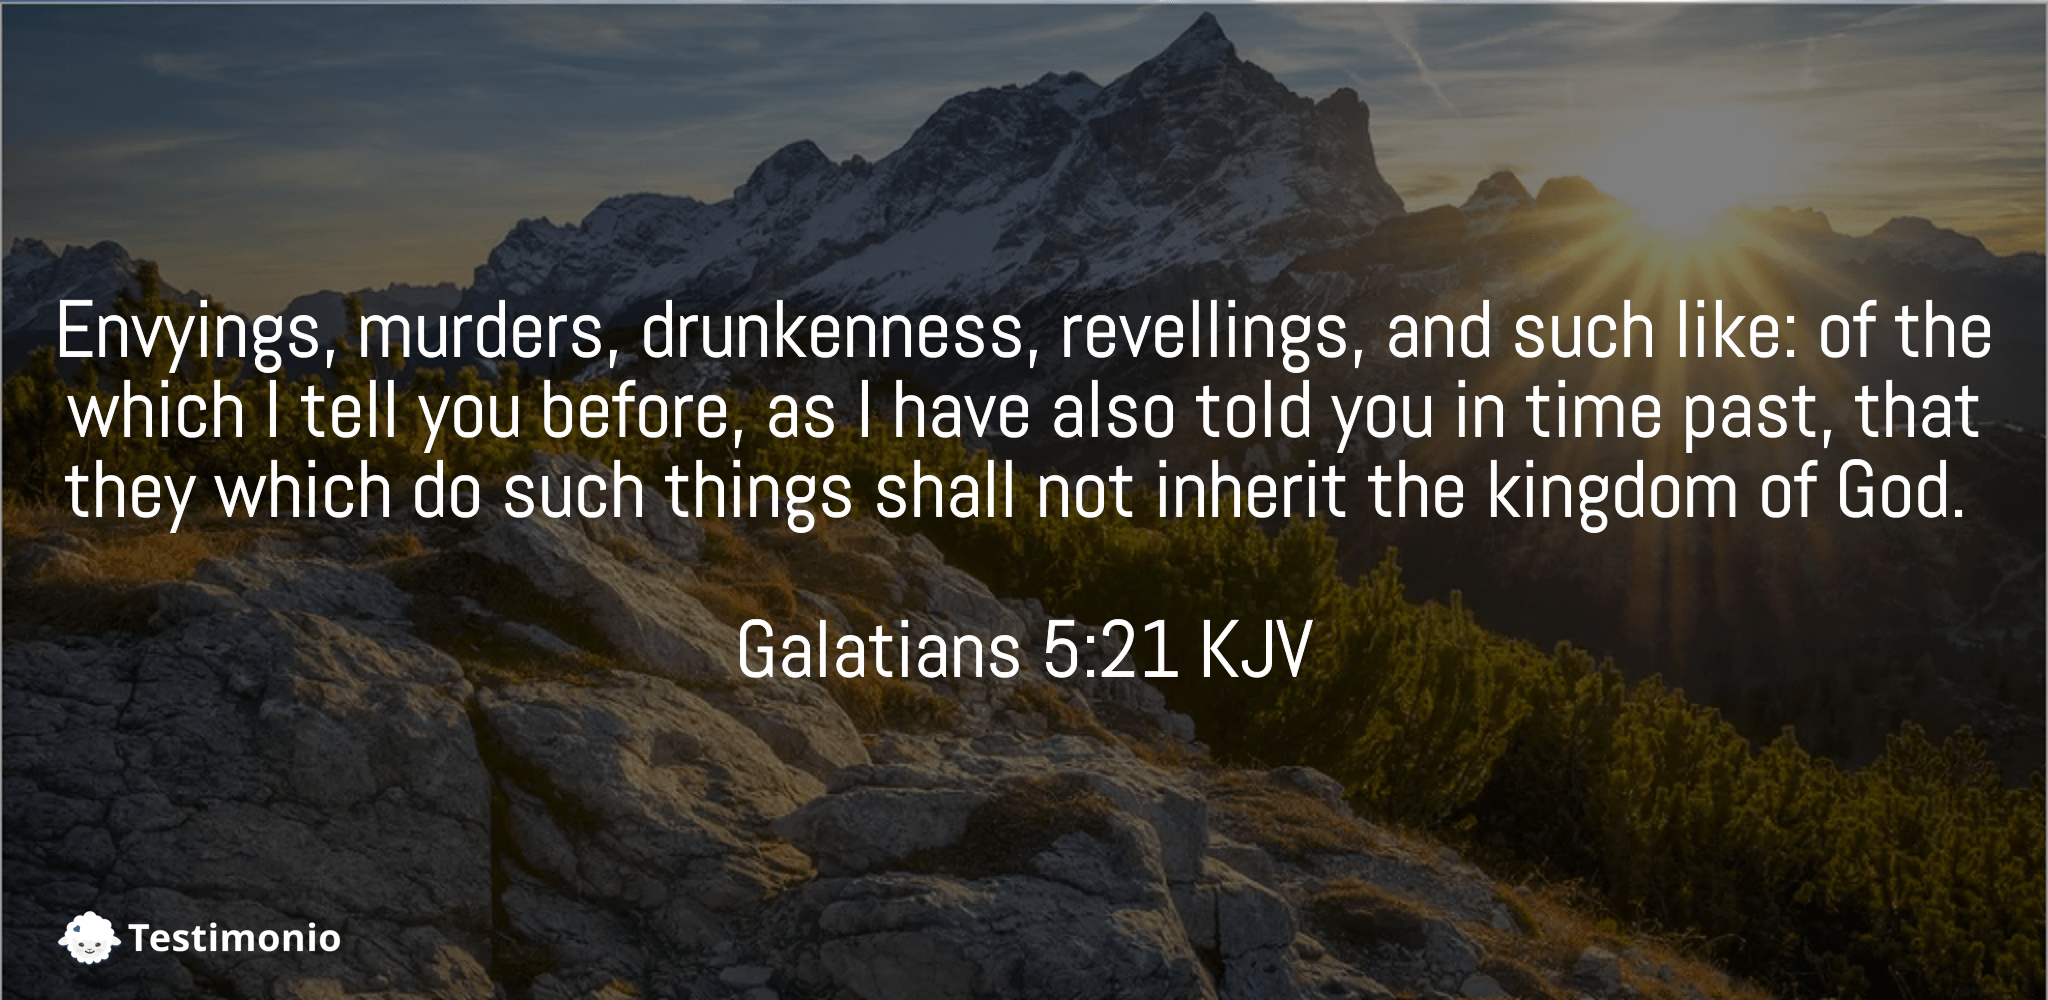 Galatians 5:21